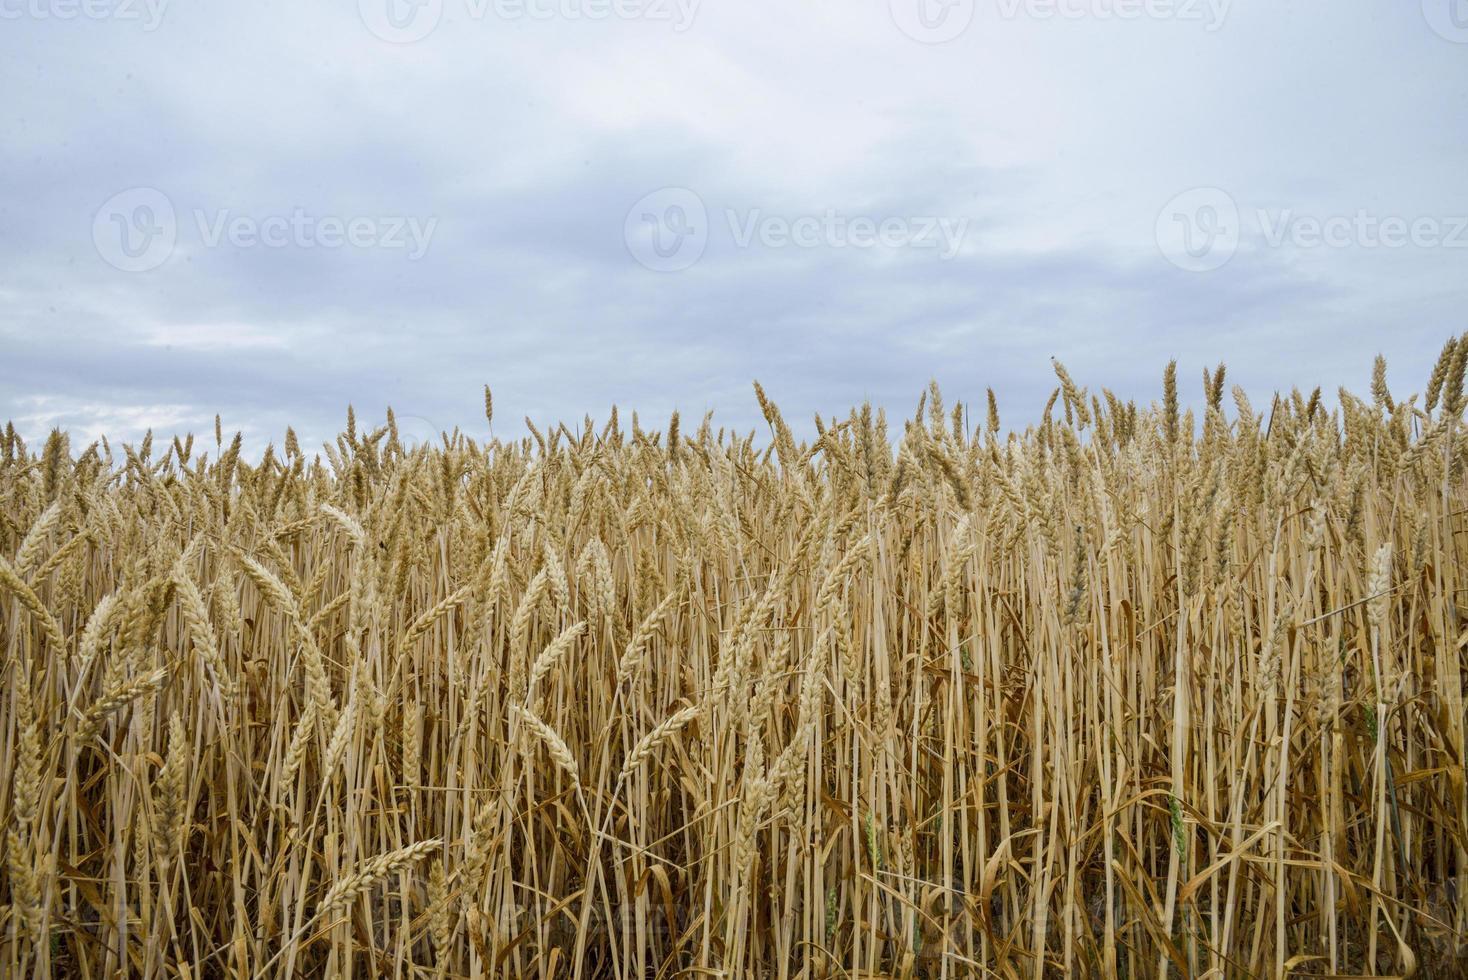 campo de cebada dorada1 foto